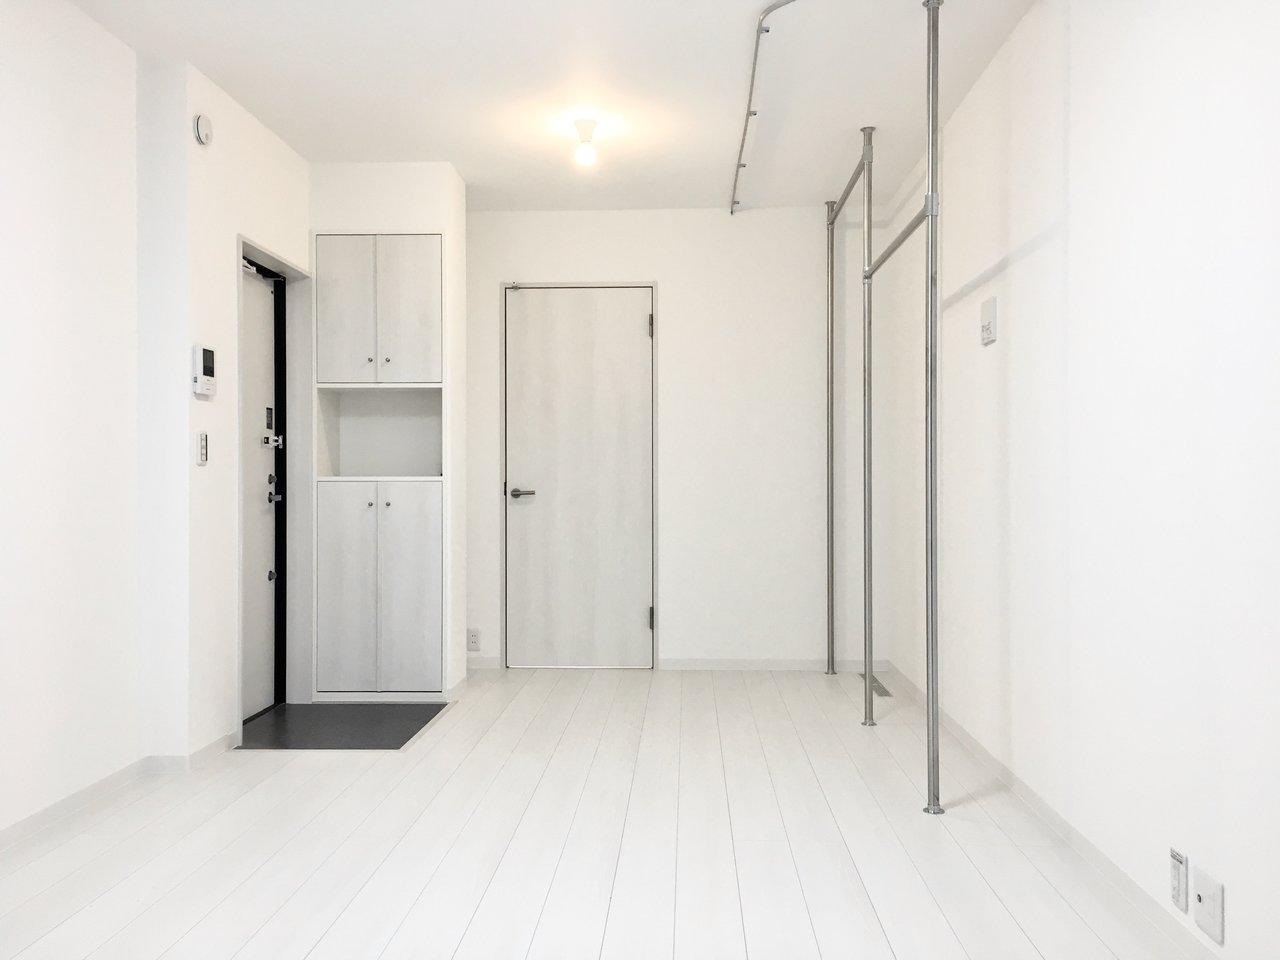 ひとり暮らし向けの1K物件。なんと出来立てホヤホヤの新築です!外観は黒色でシックな印象から一遍、中は真っ白な世界です。リビングは7畳で、水回りはギュギュっと1か所に集まっているので、平米数の割には生活スペースは広めです。